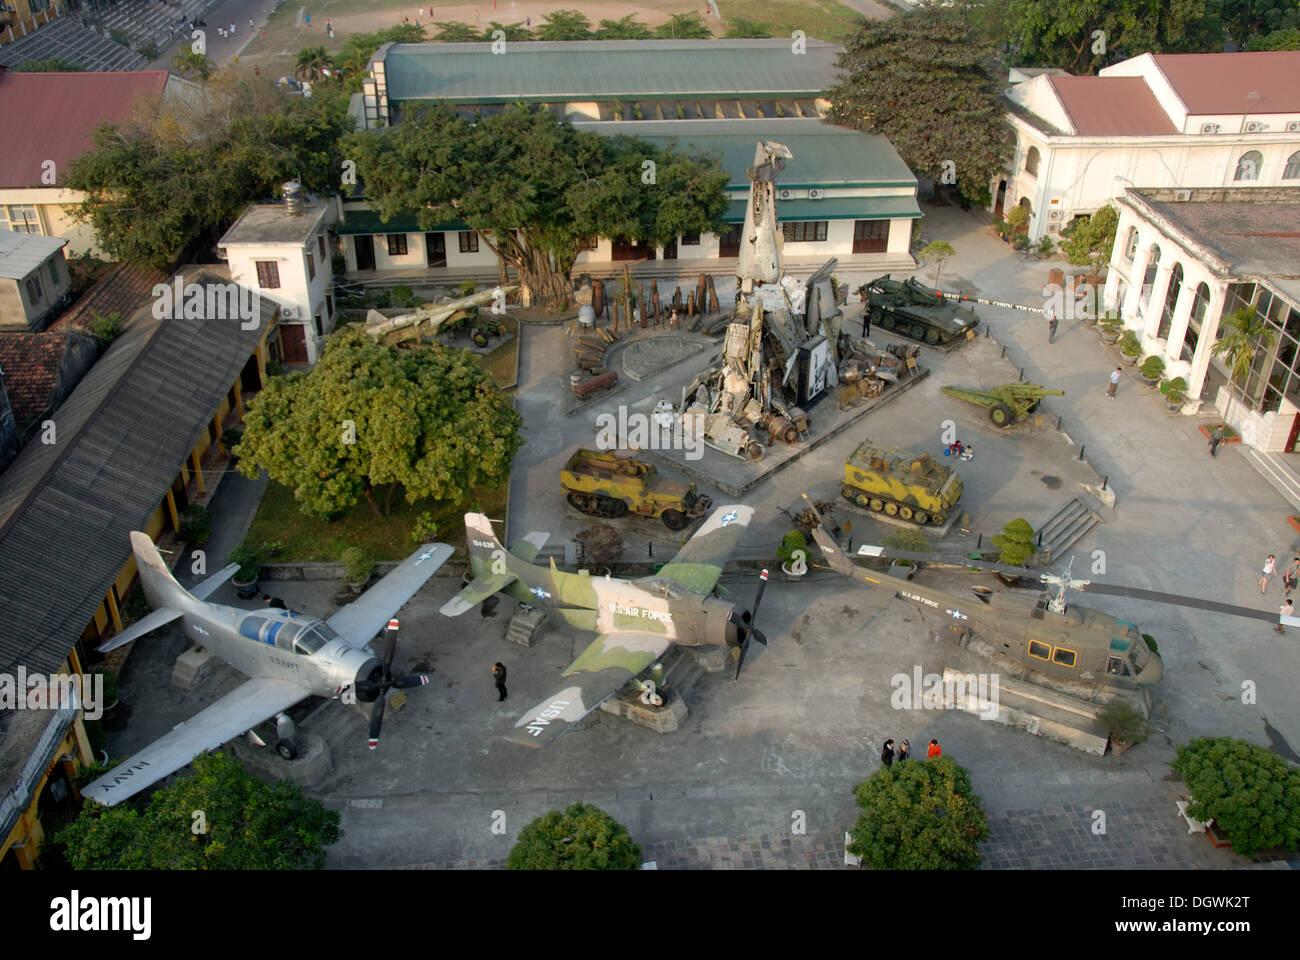 Exposition de butin de guerre de la guerre du Vietnam, des avions, des hélicoptères de combat américains, de canons, de missiles et de chars Photo Stock